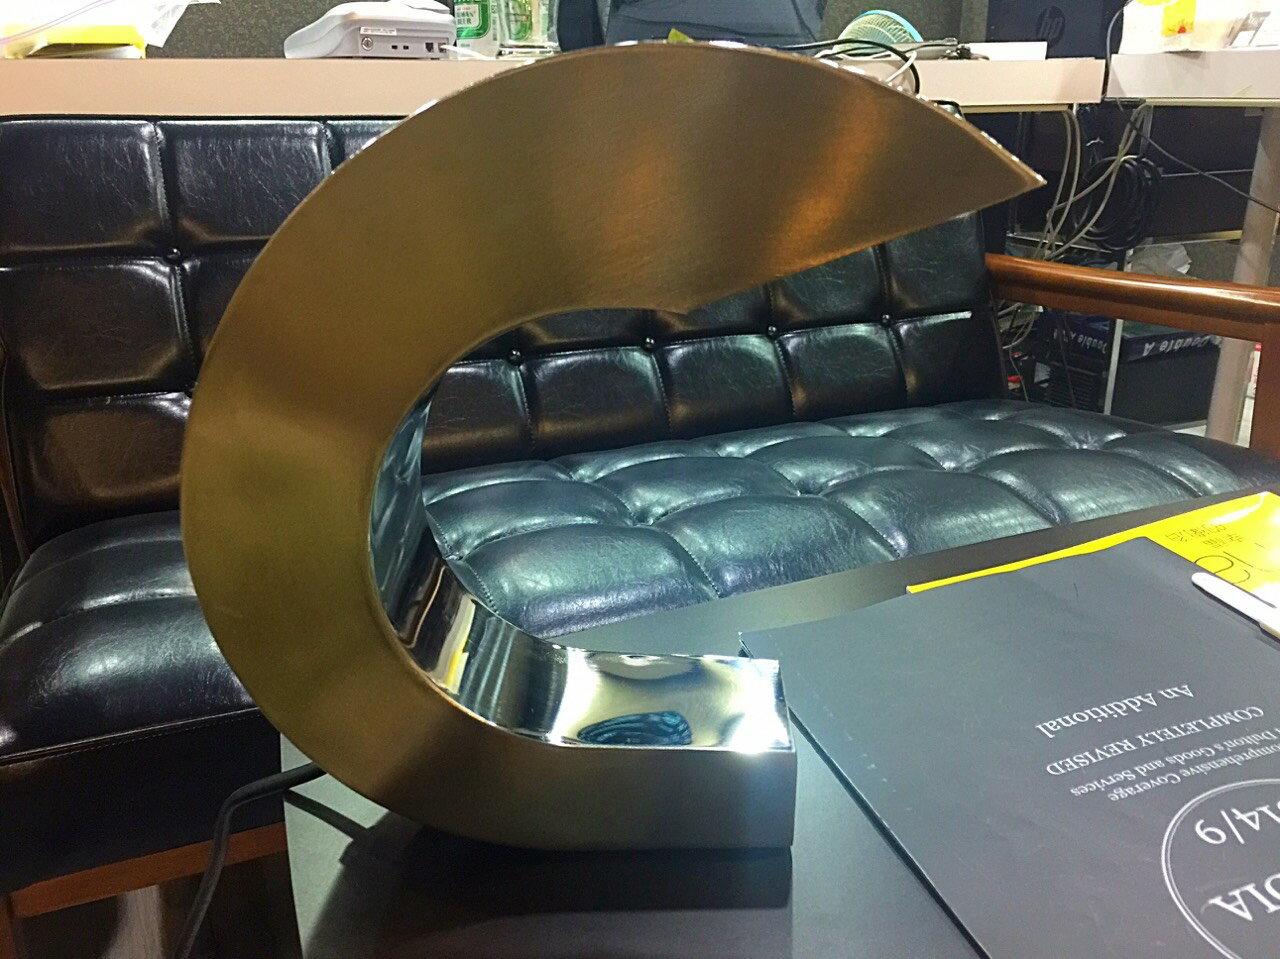 【日本-DULTON】鋁製C型桌燈 / 床頭燈-造型特殊、美觀,既可當桌燈,又可作為點綴用燈,讓您的居家因這盞燈,點亮不一樣的風味 1